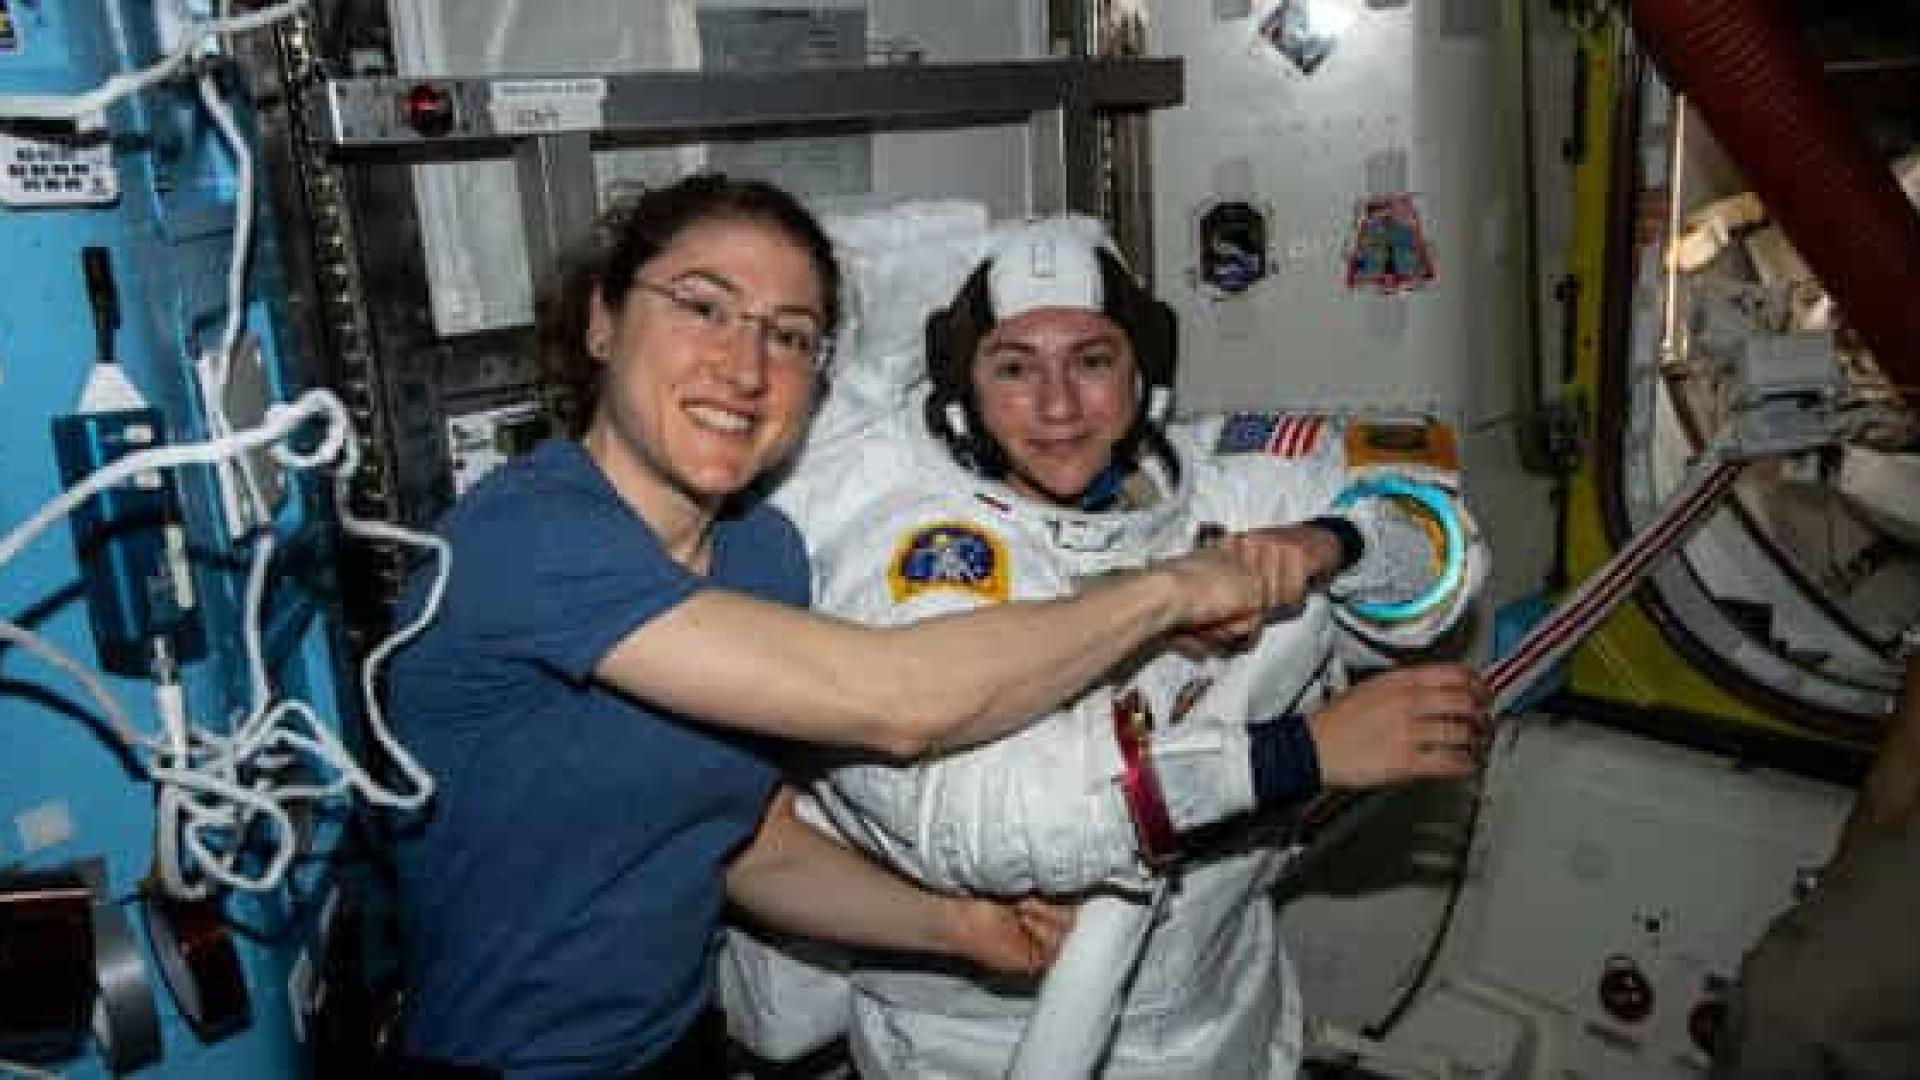 Ao vivo: acompanhe a primeira caminhada espacial 100% feminina